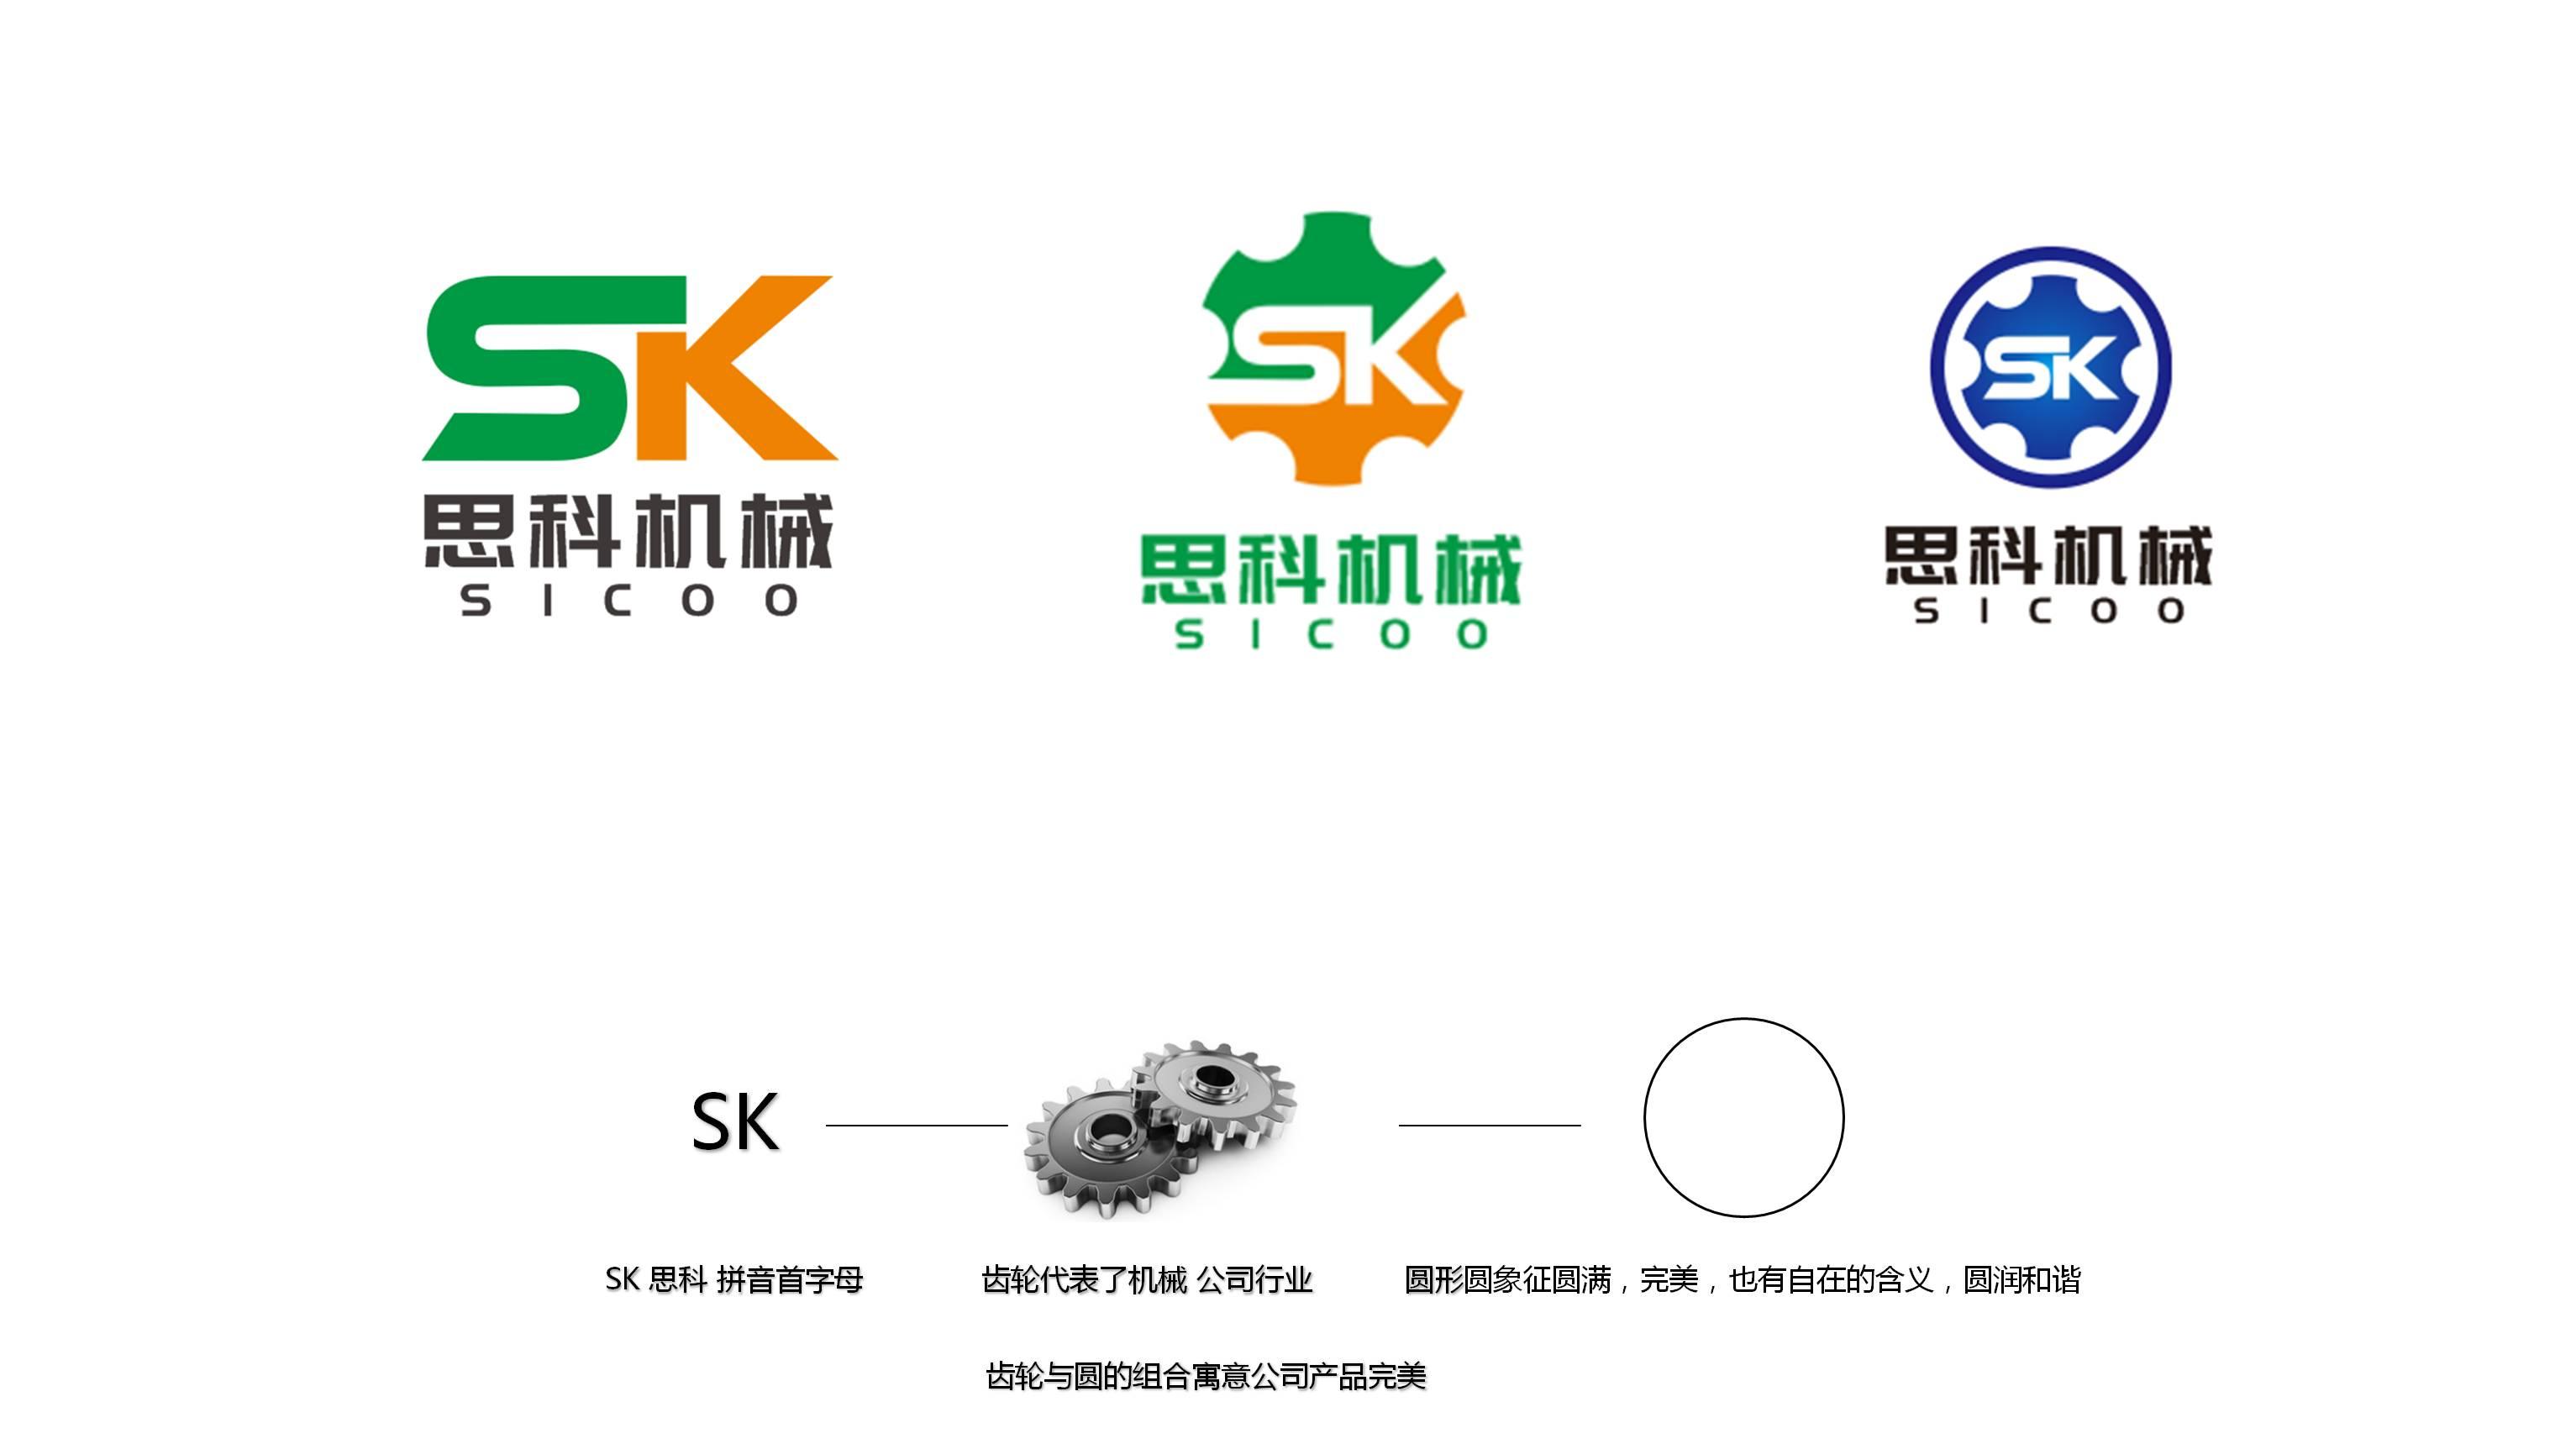 東莞市思科自動化設備有限公司2